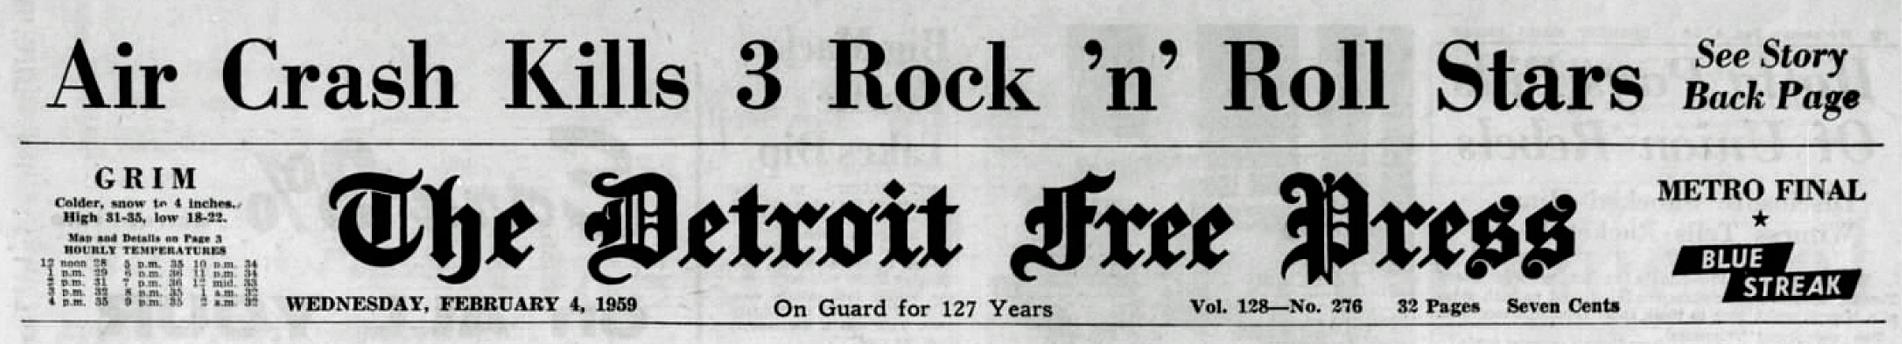 Detroit_Free_Press_Wed__Feb_4__1959_Buddy_Holly_Death_Headline_mcrfb_(2c)